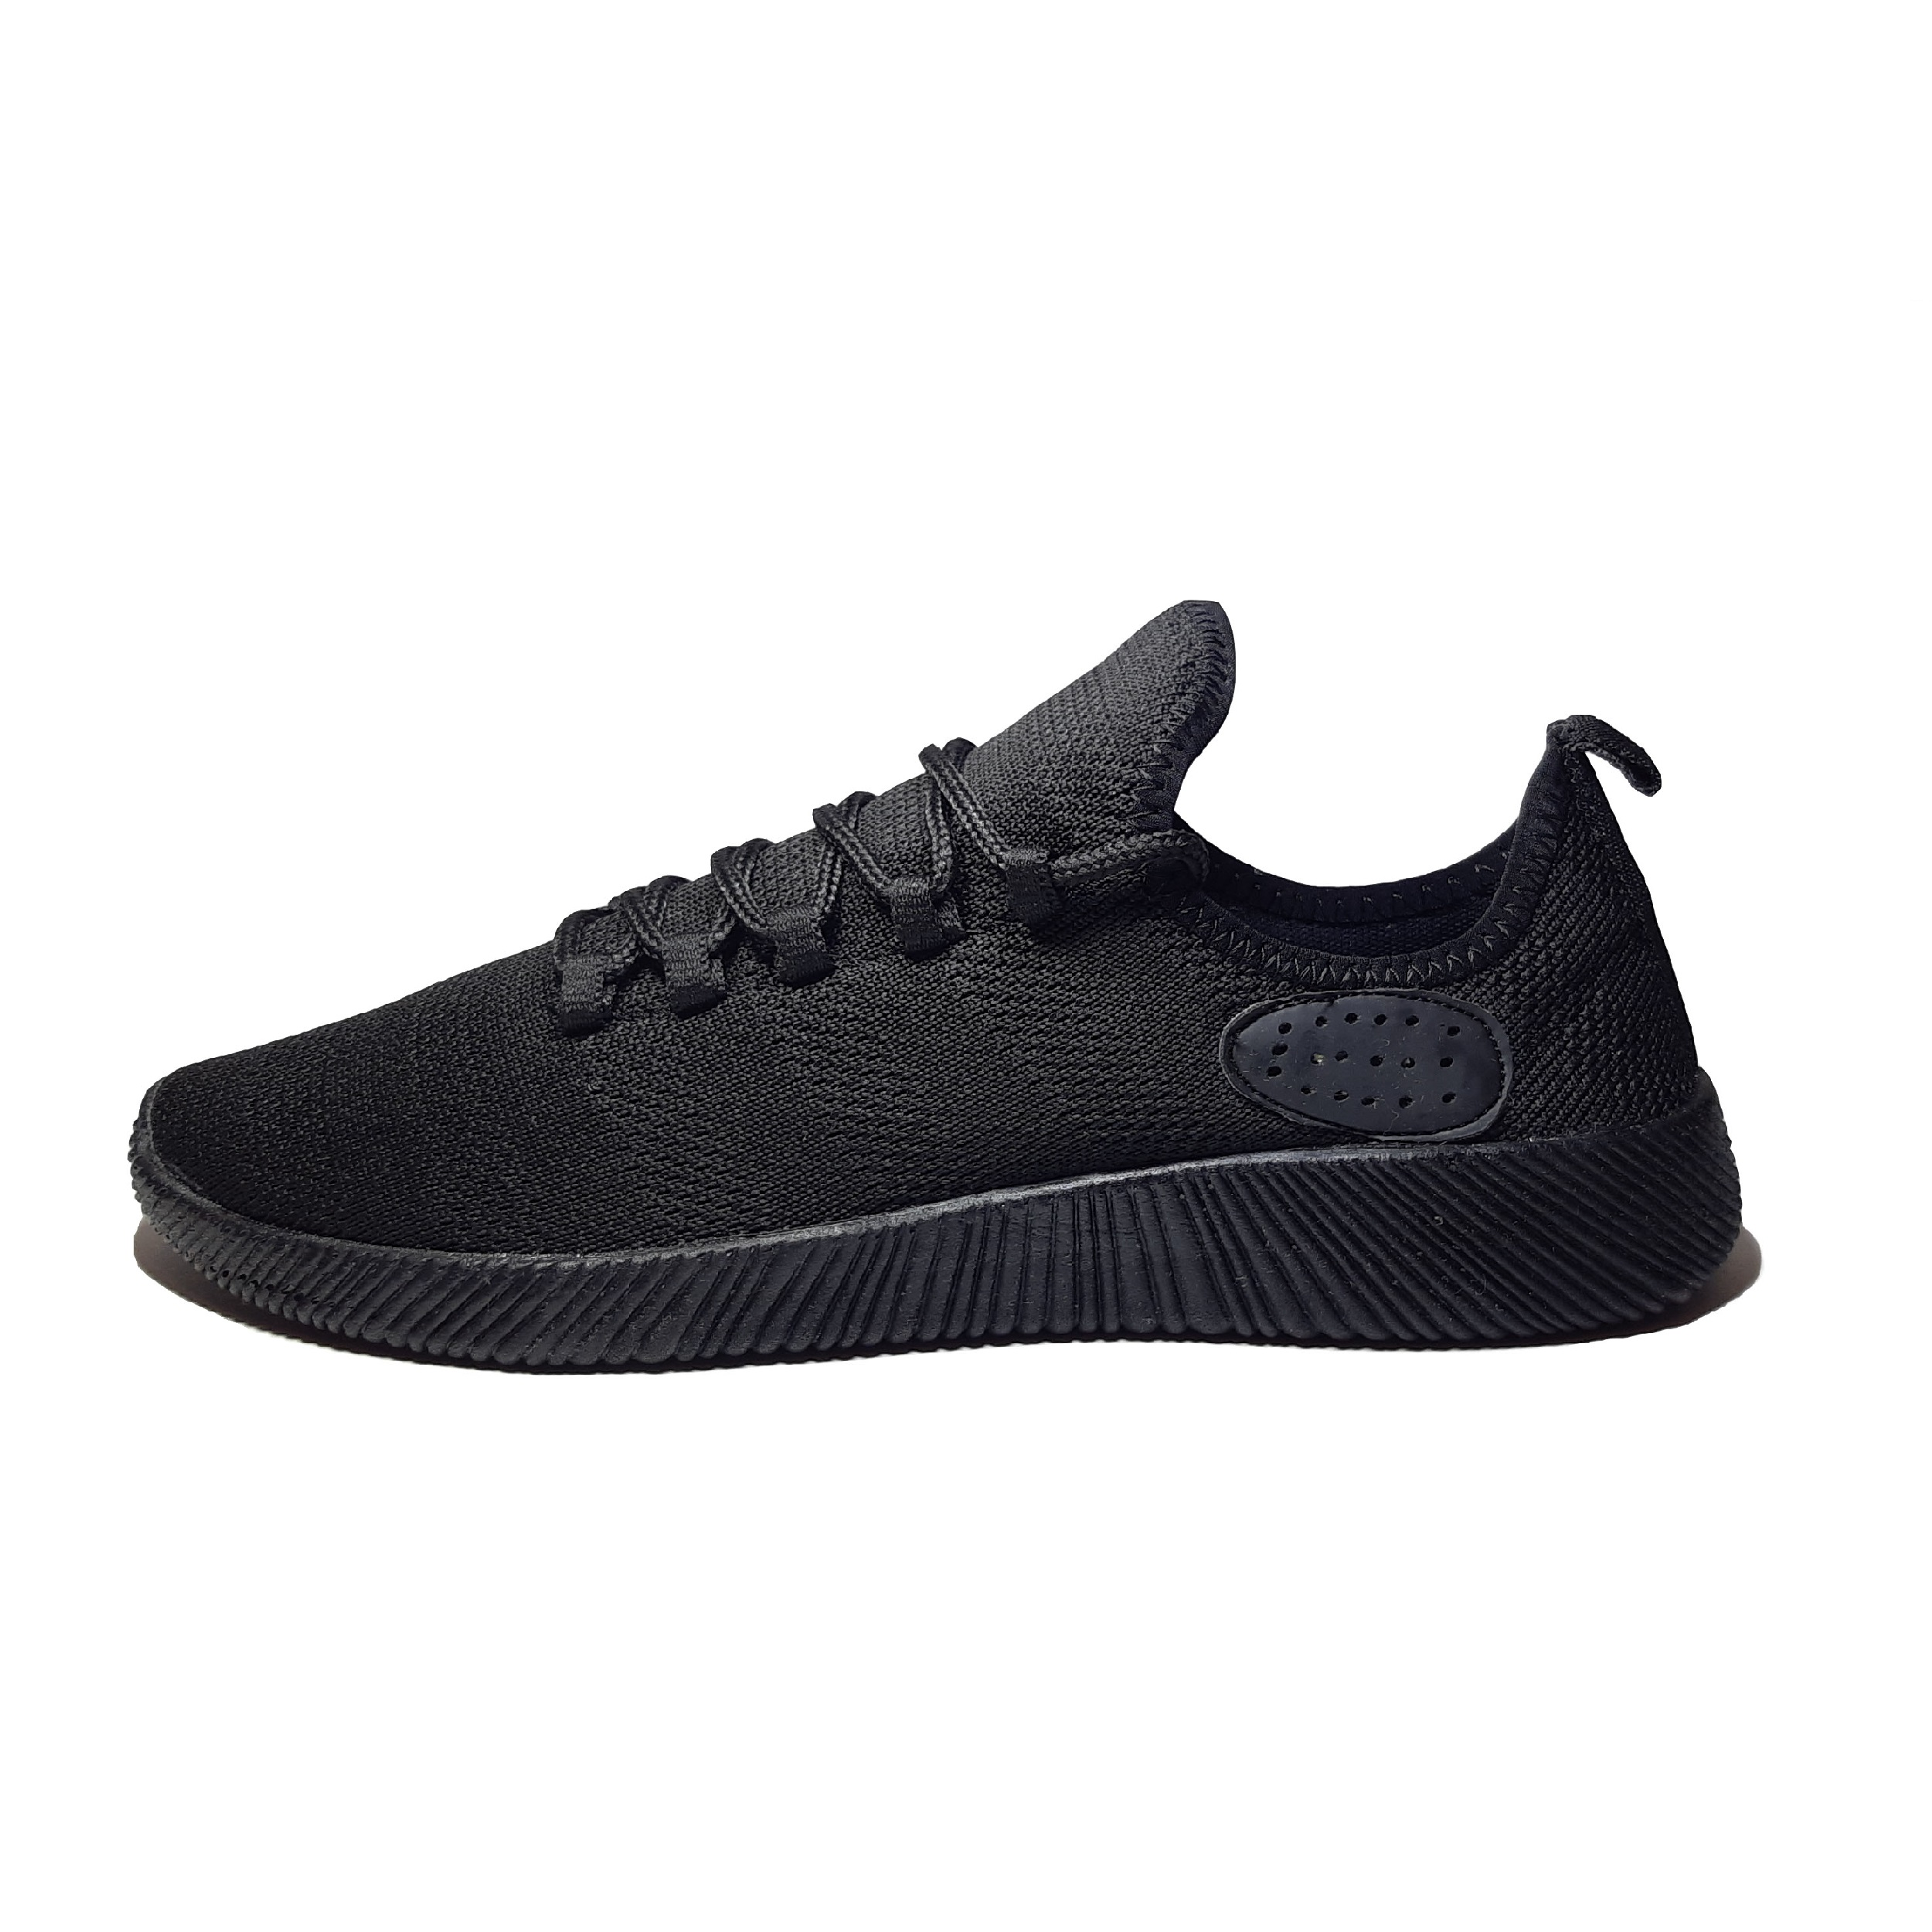 خرید کفش مخصوص پیاده روی زنانه مدل Dharma Black W